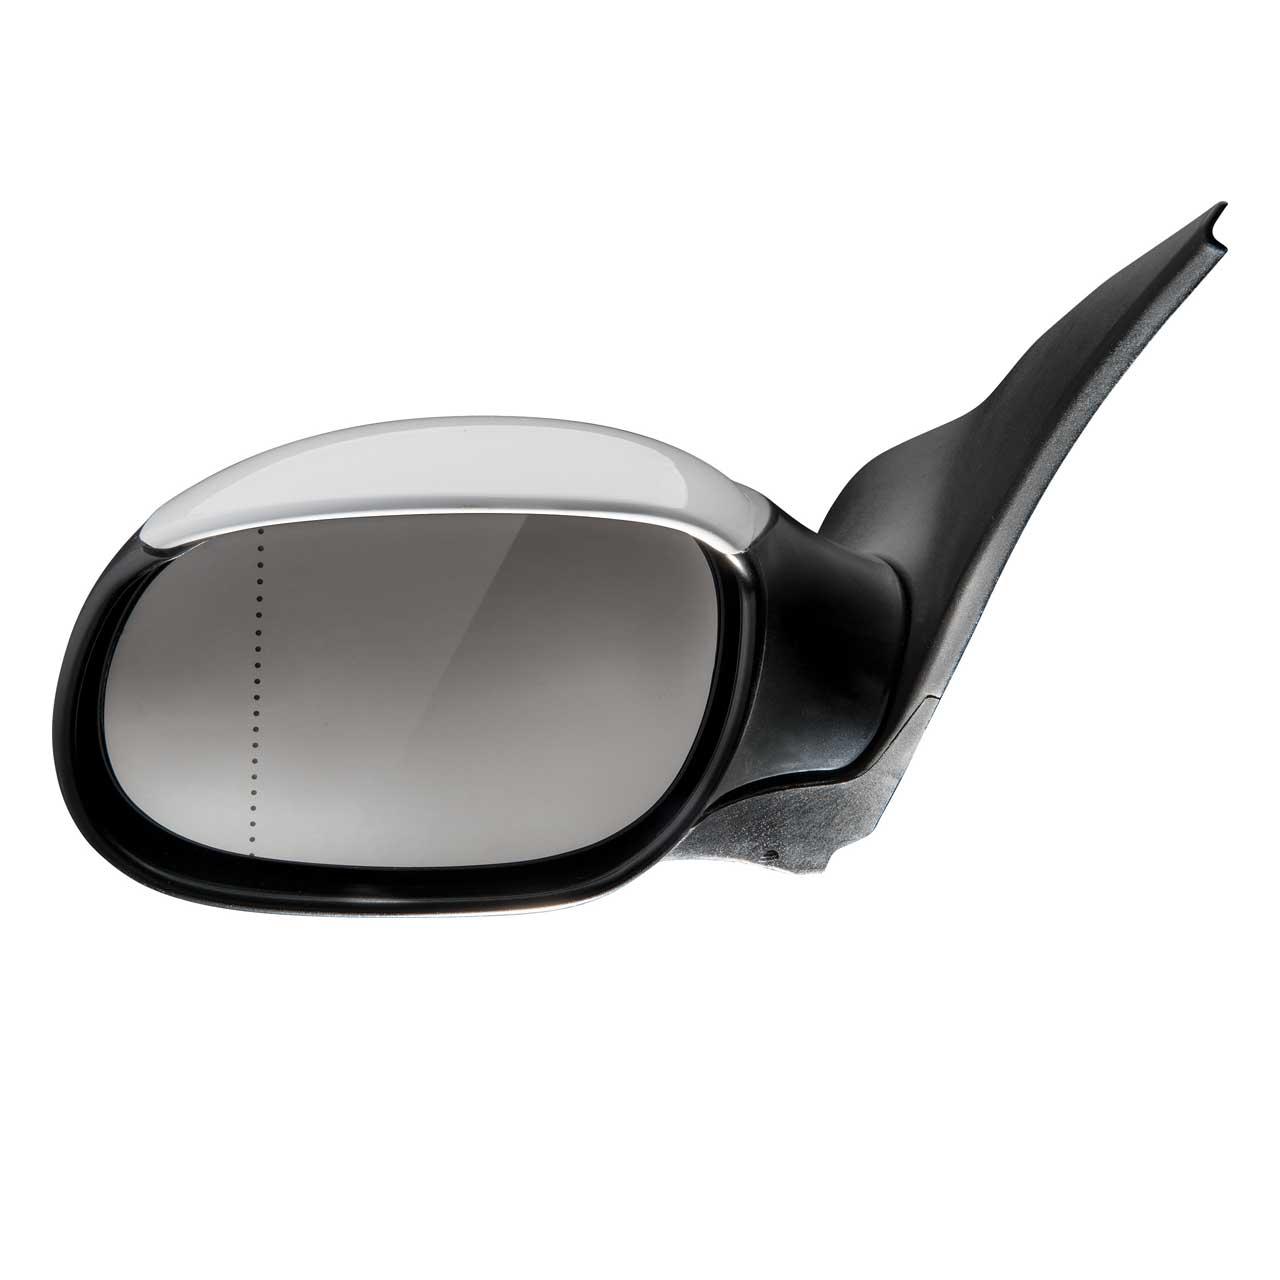 آینه برقی جانبی چپ خودرو BZ مشکی مناسب برای پژو 206